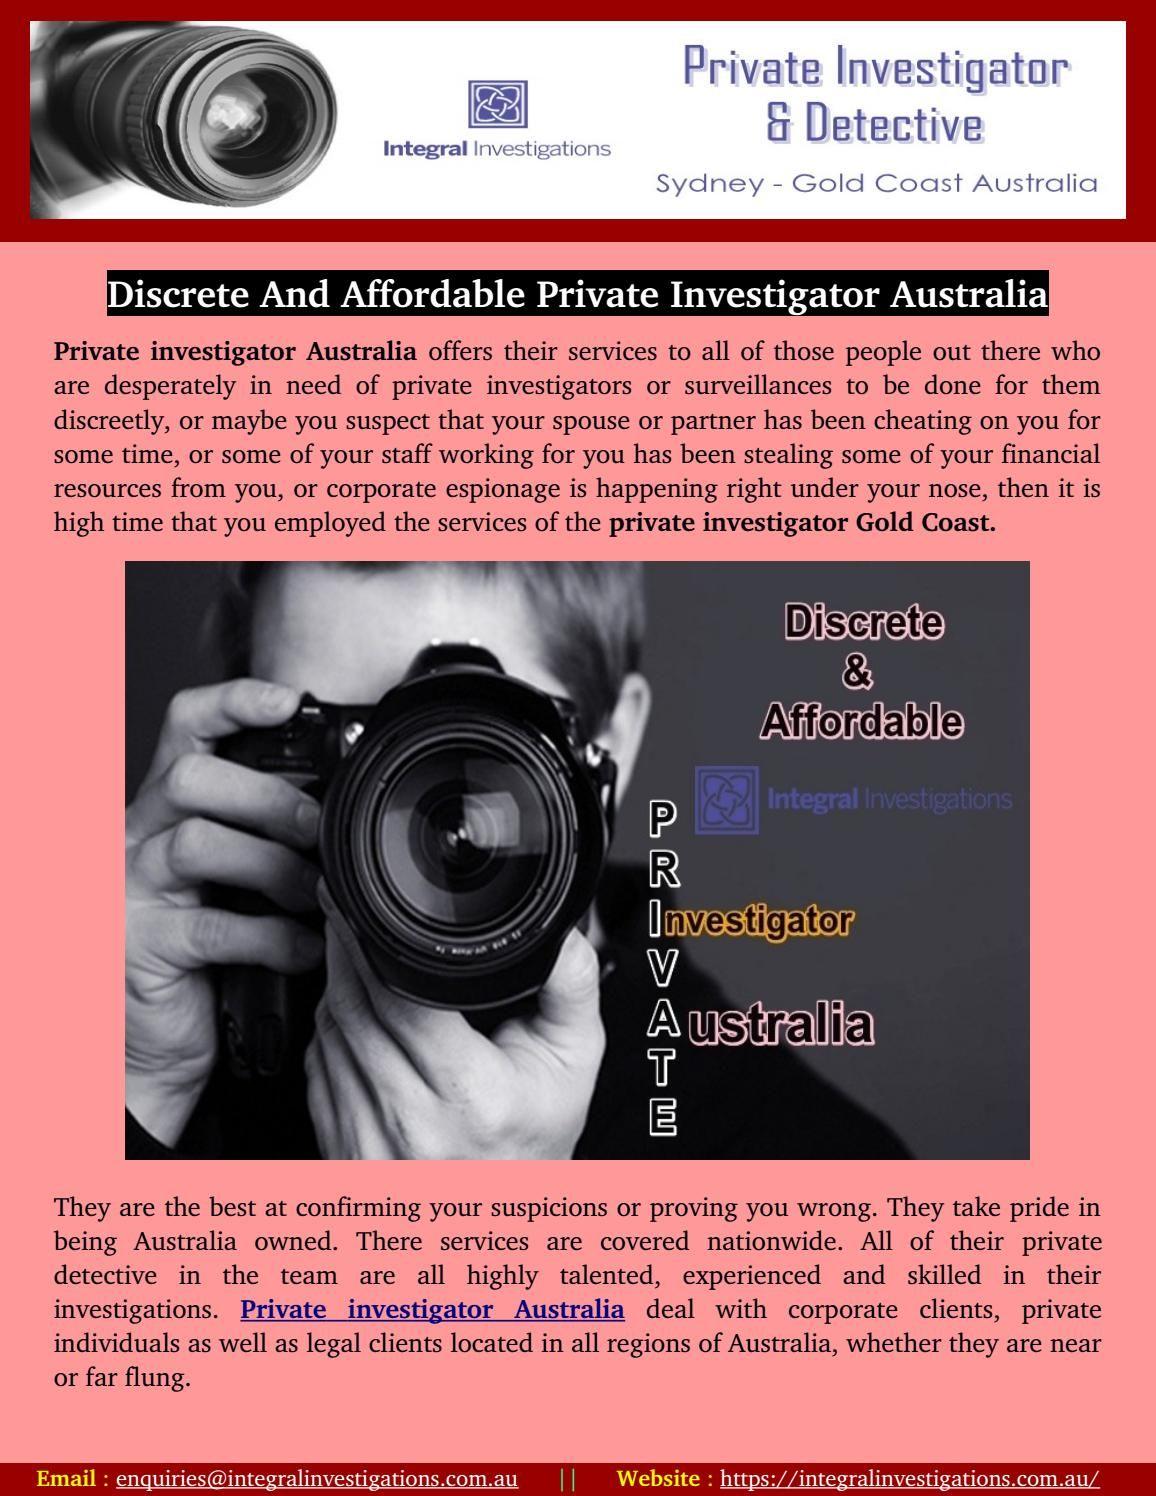 Discrete and affordable private investigator australia